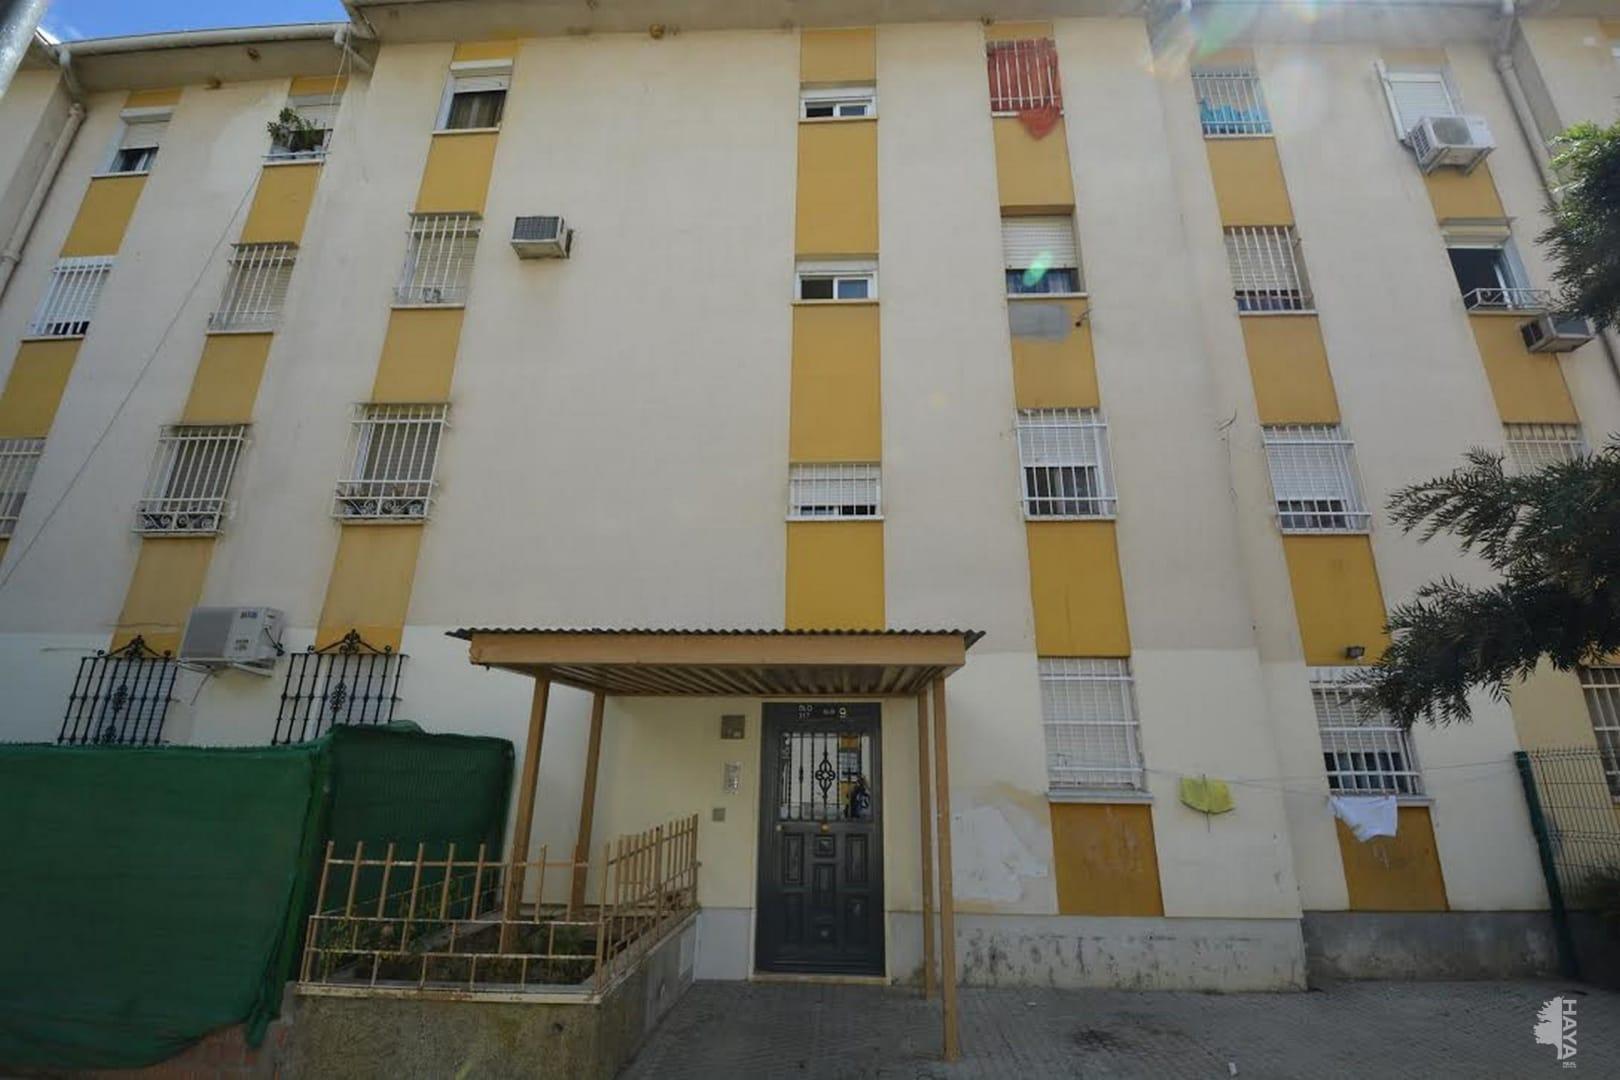 Piso en venta en Distrito Sur, Sevilla, Sevilla, Calle Fermin Salvochea Alvarez, 15.700 €, 3 habitaciones, 1 baño, 72 m2